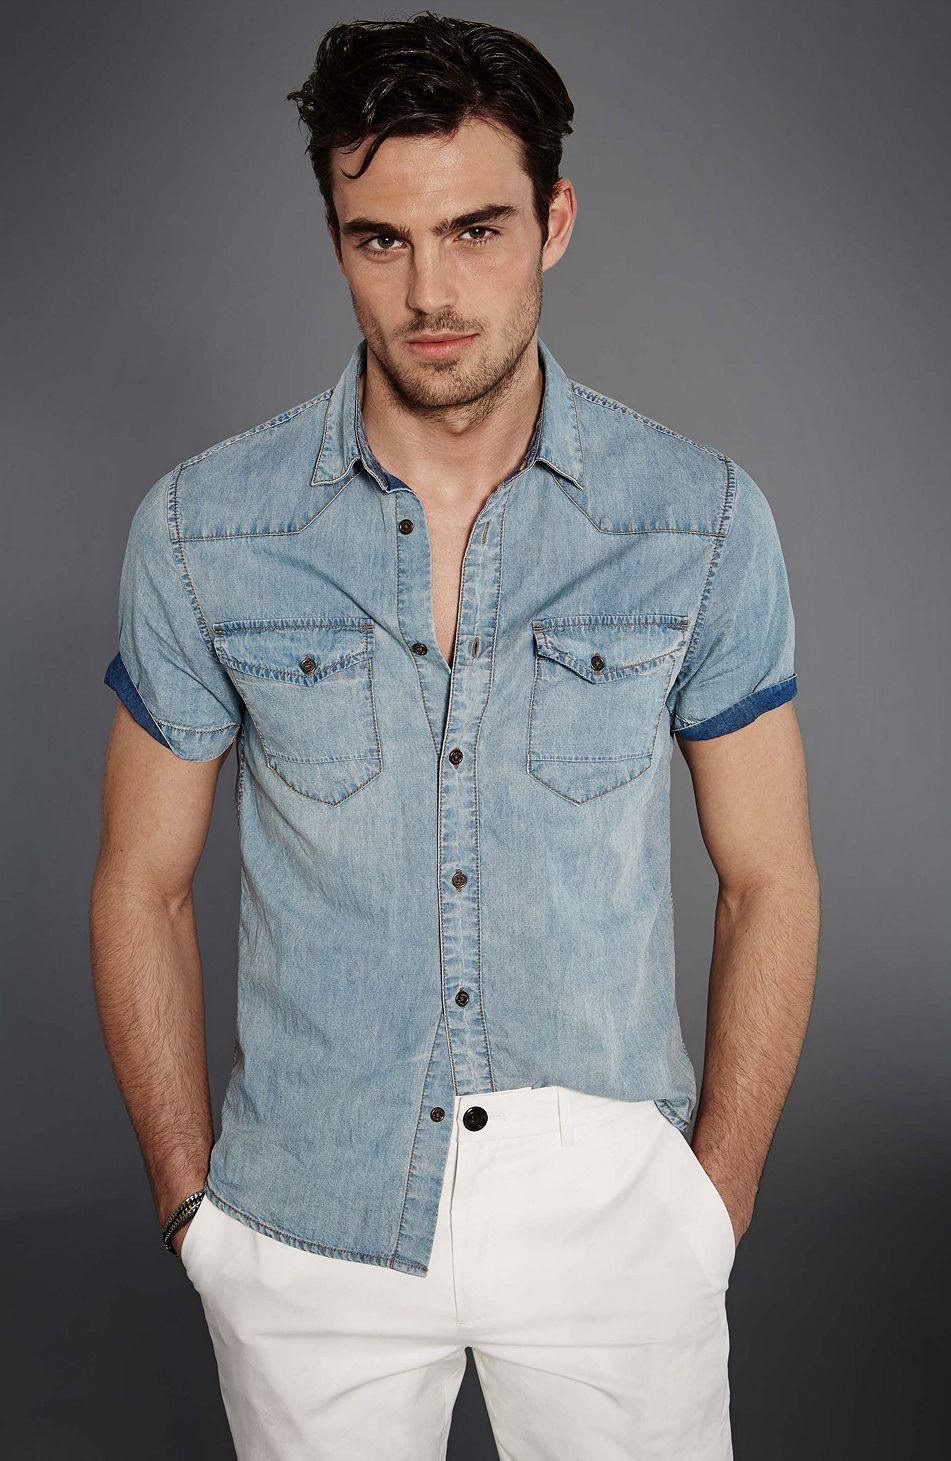 Gucci blue linen deep v long sleeve shirt gifters.com button down ...